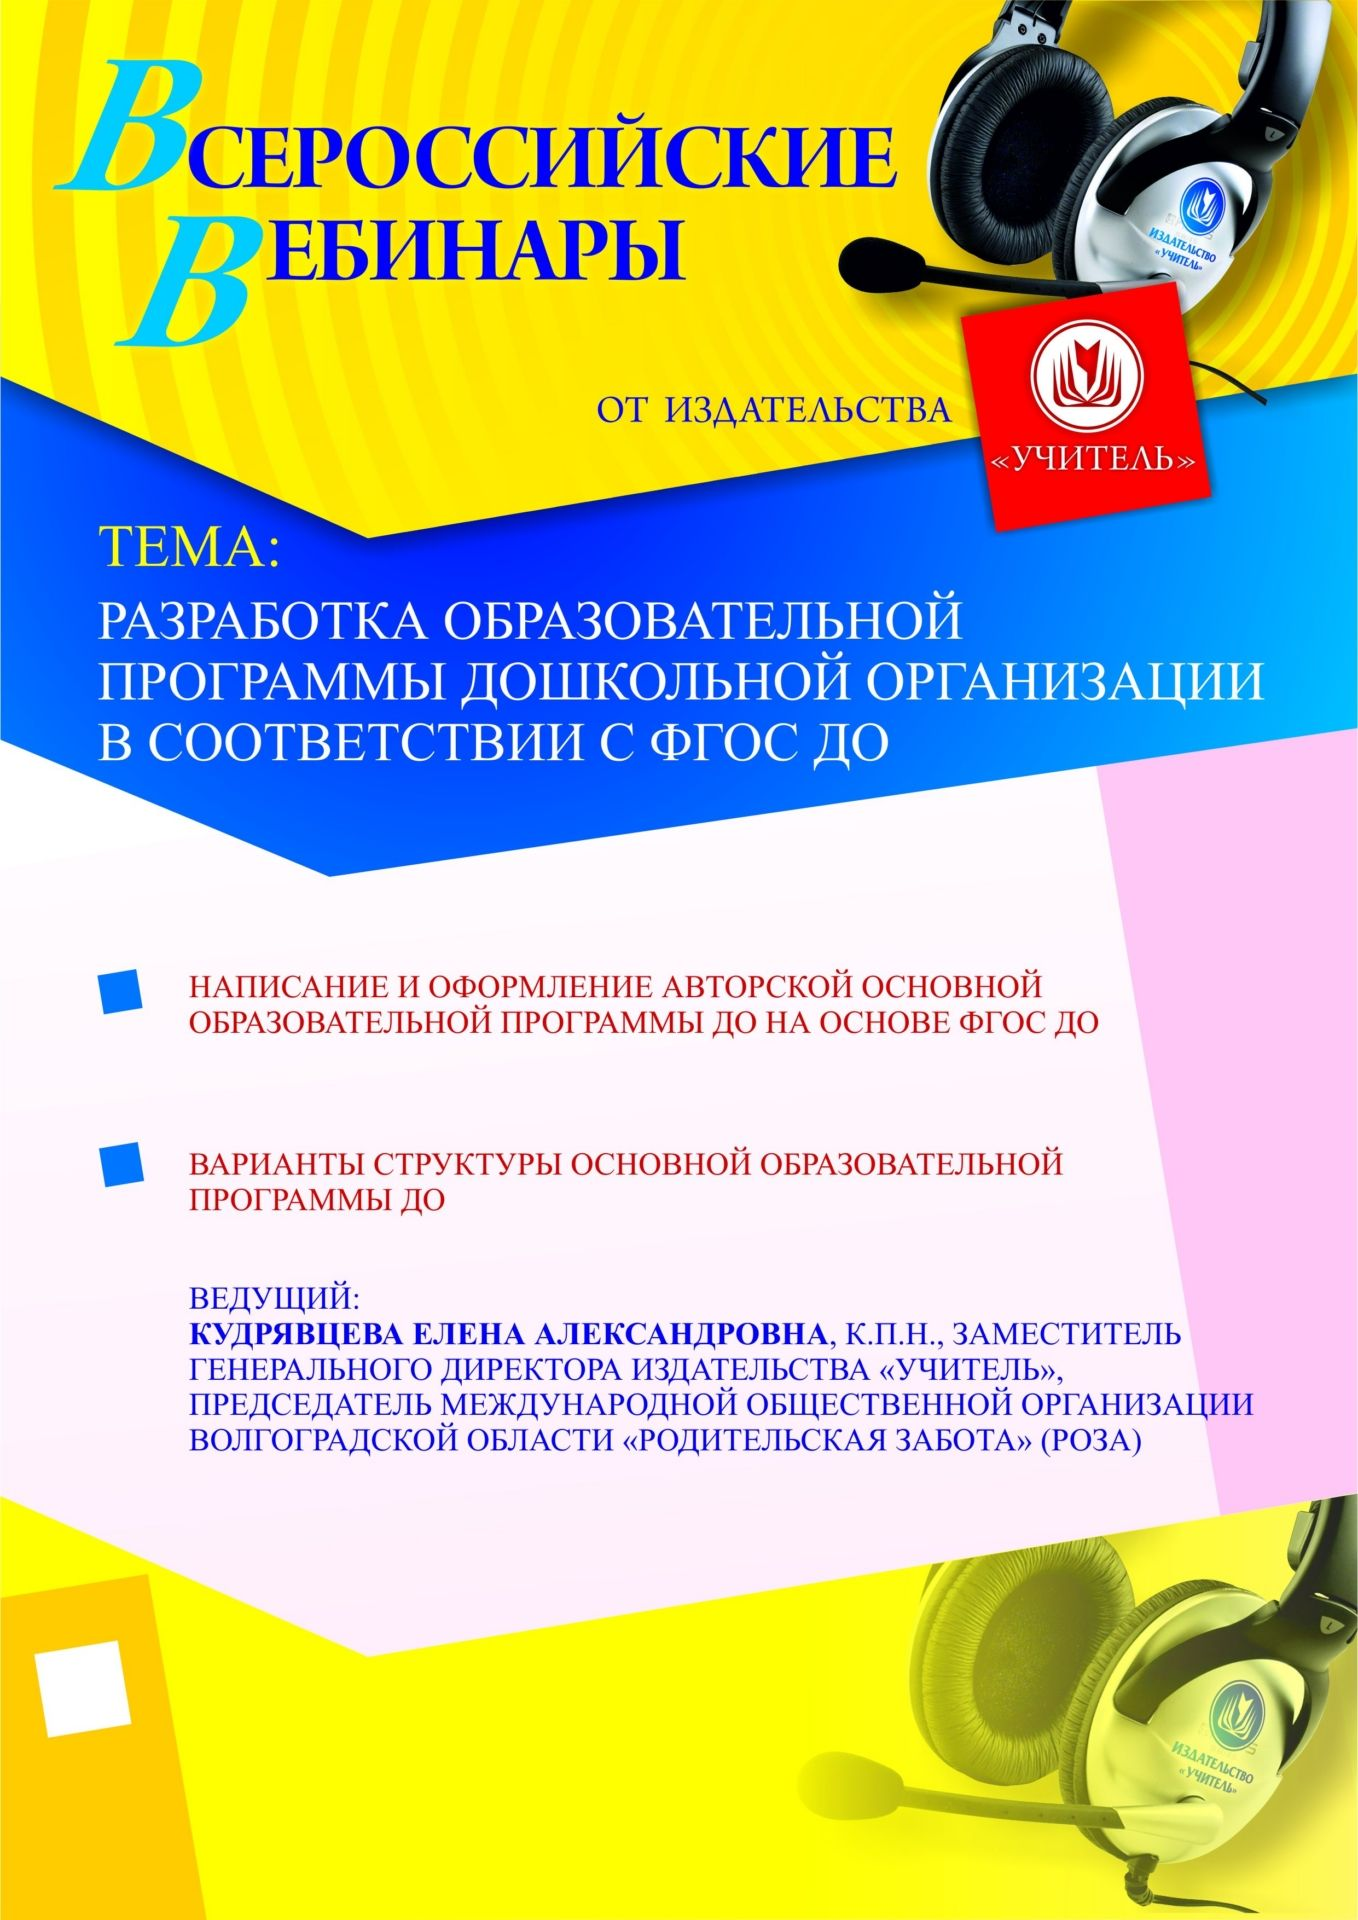 Разработка образовательной программы дошкольной организации в соответствии с ФГОС ДО фото